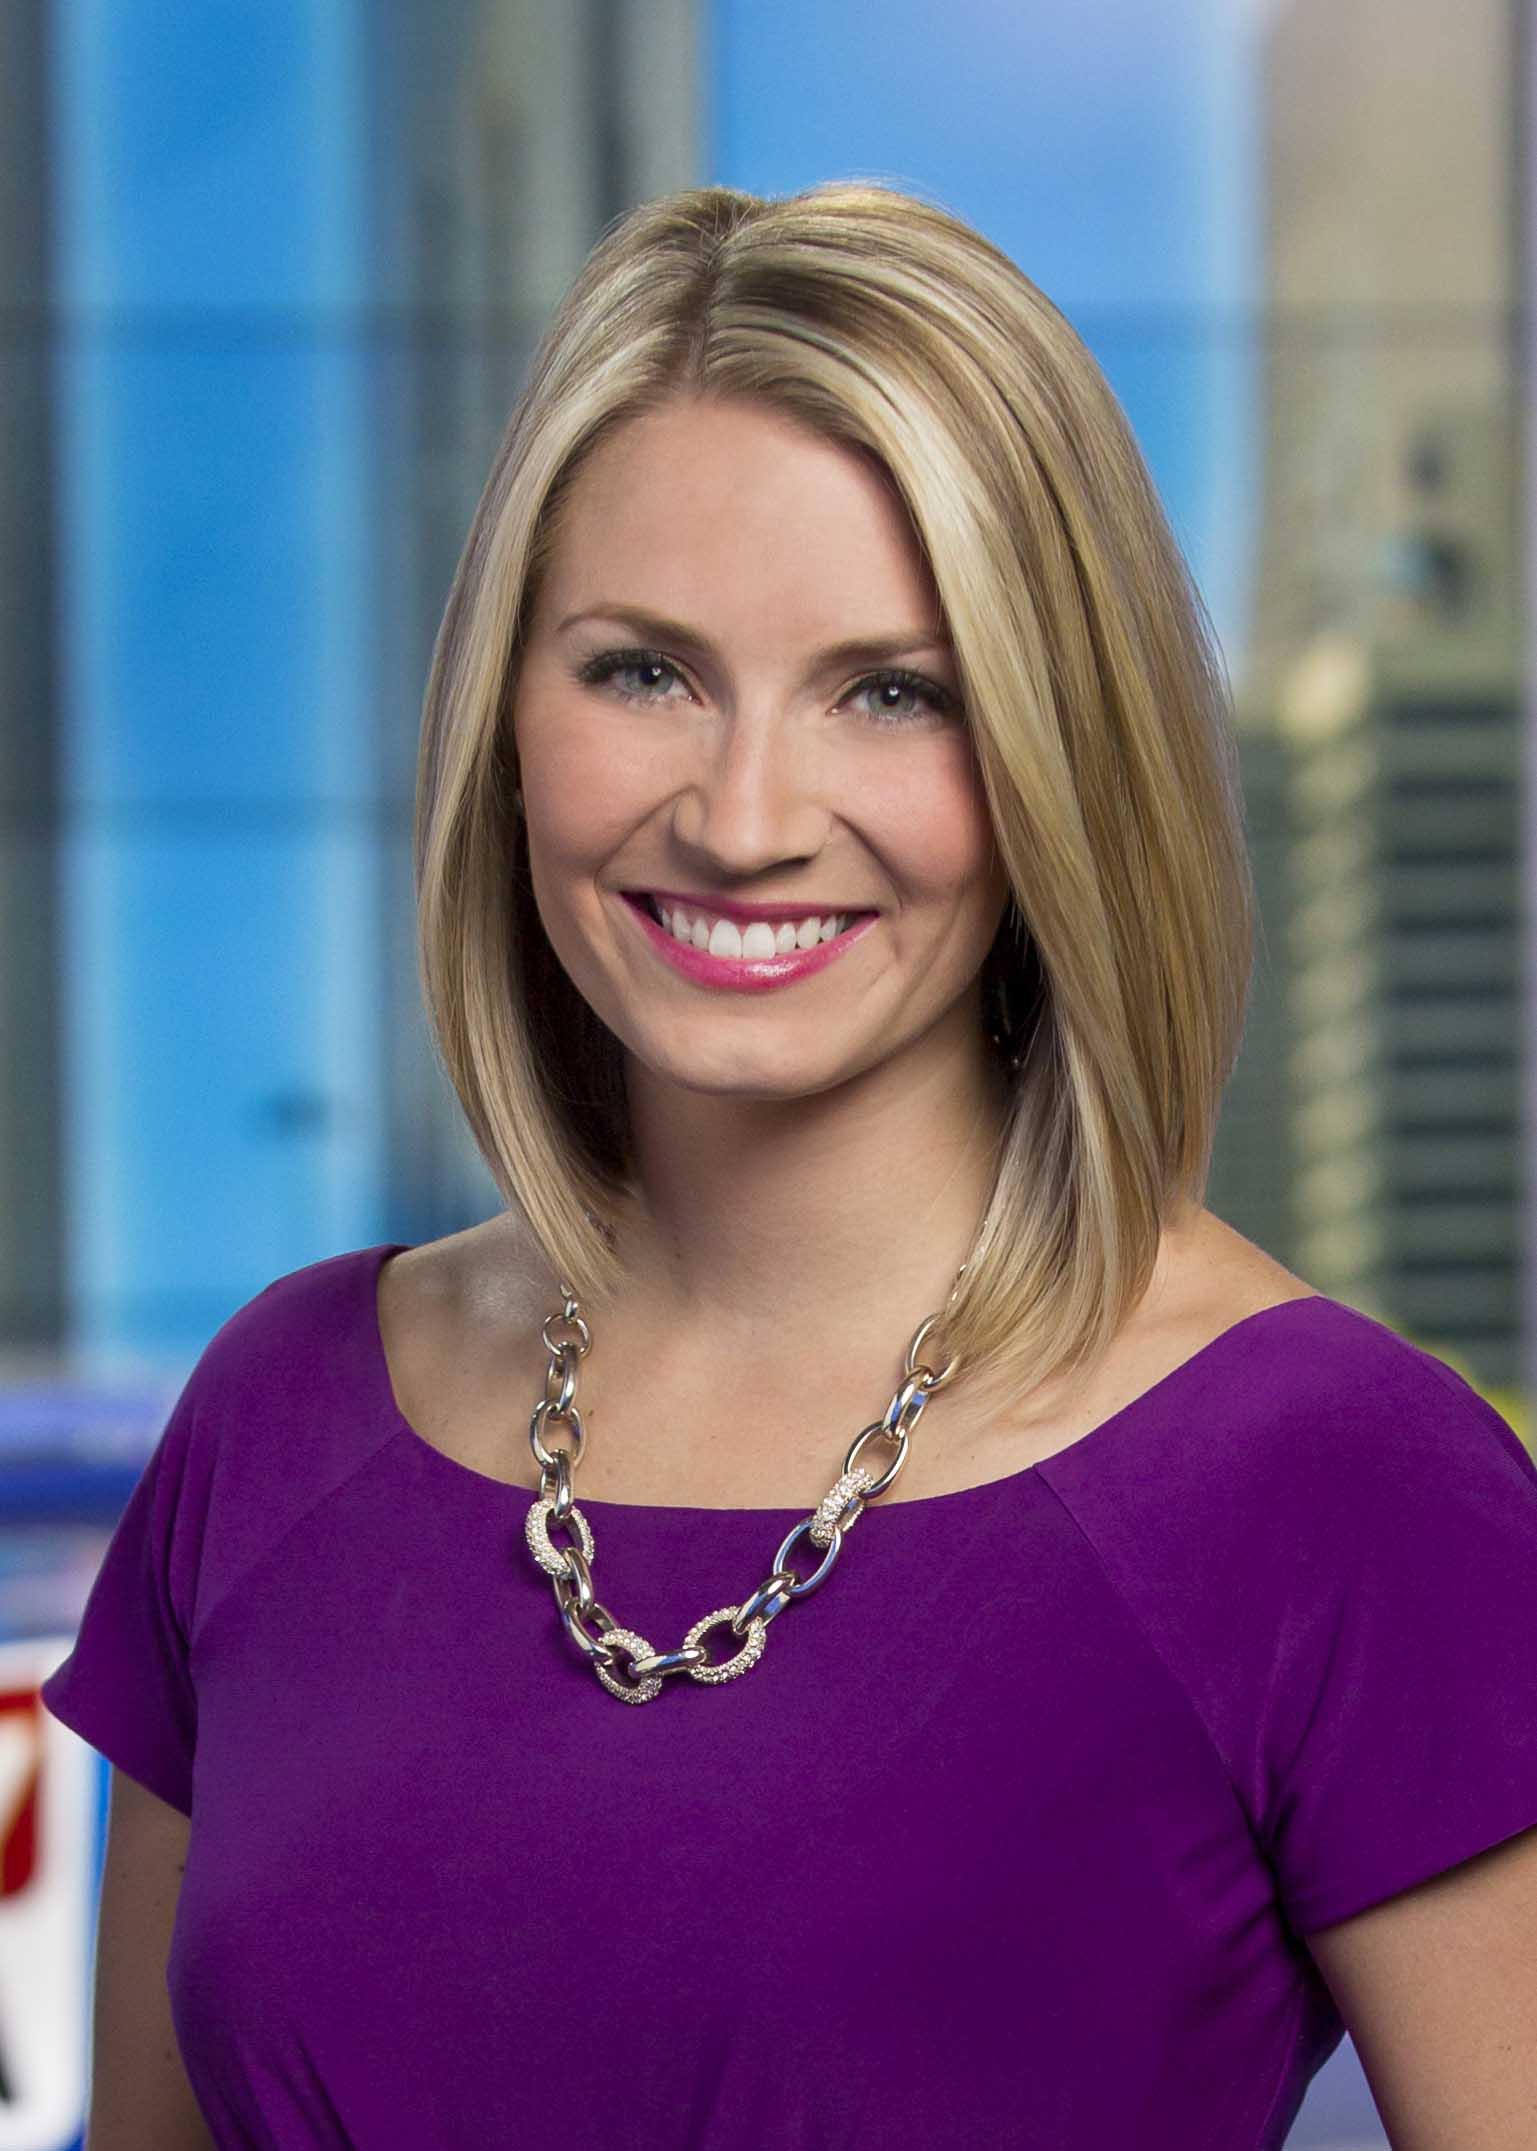 Katie Beasley